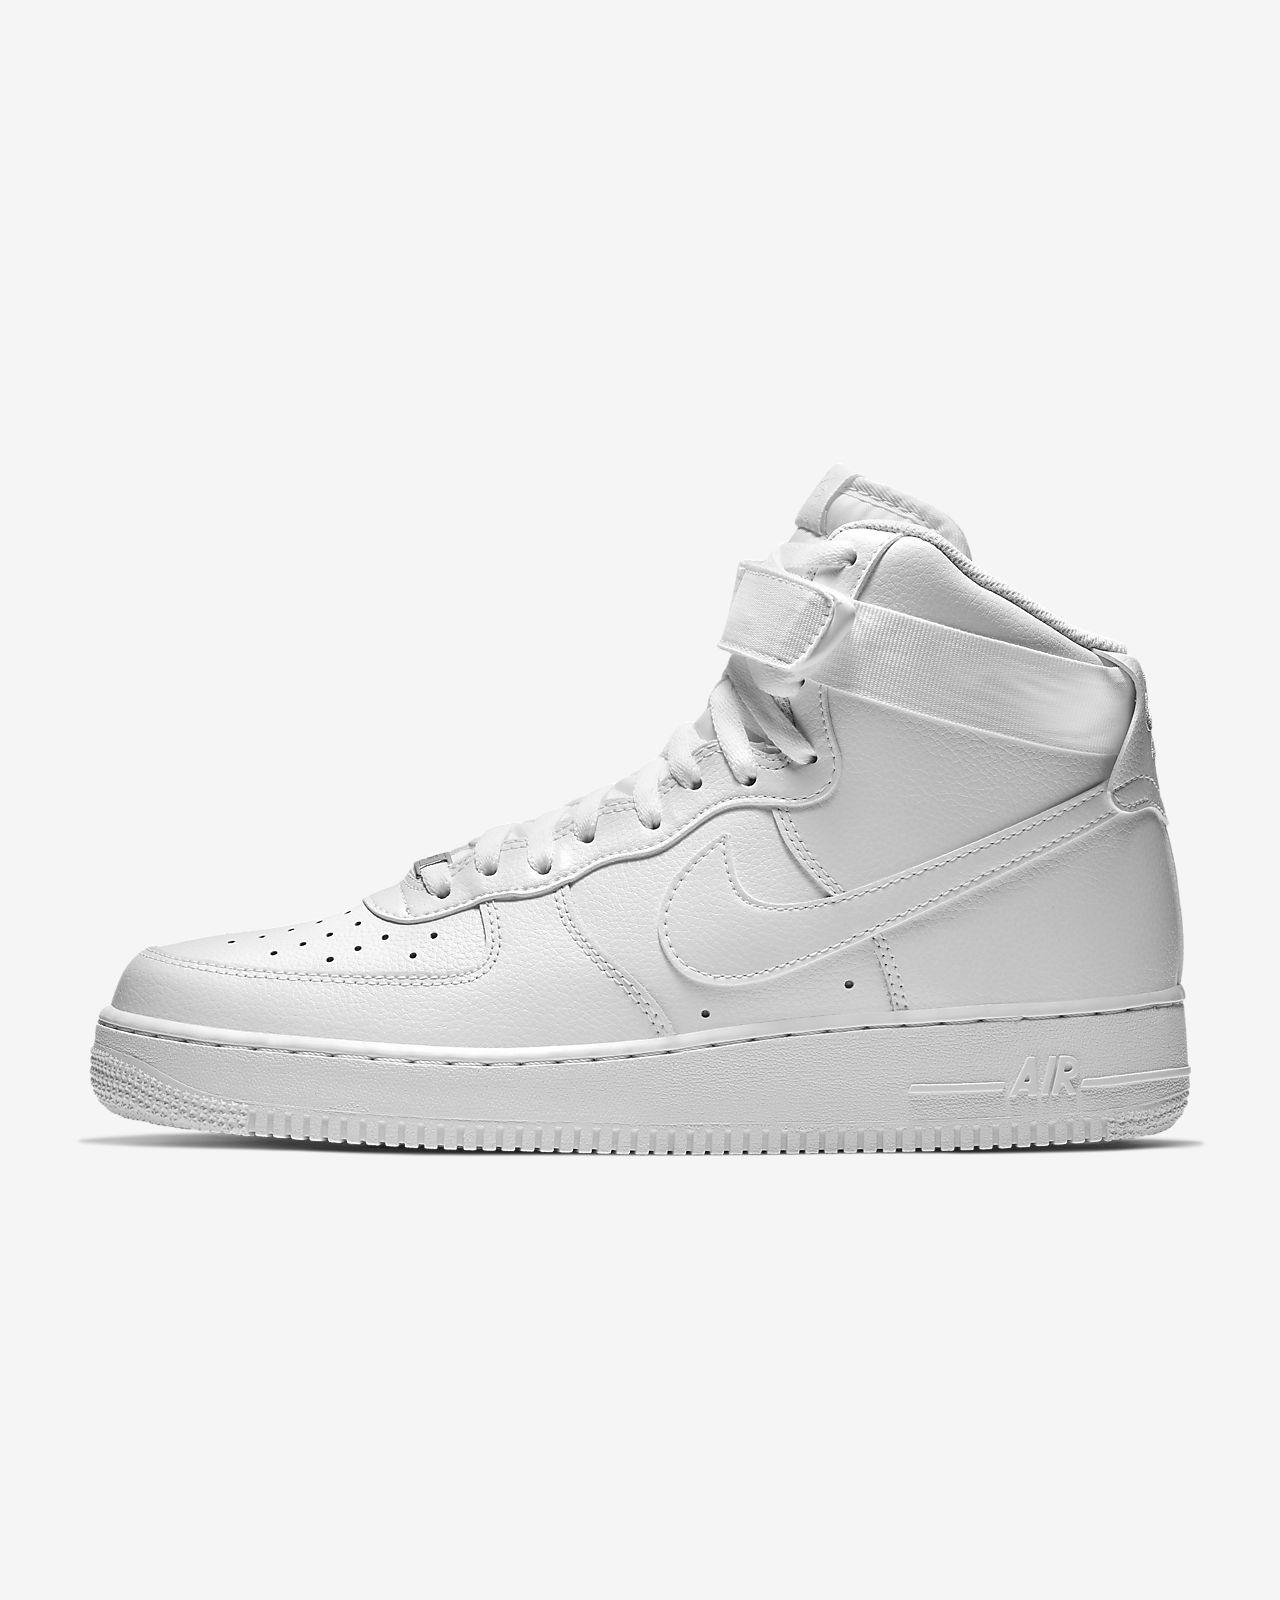 air force 1 high top white